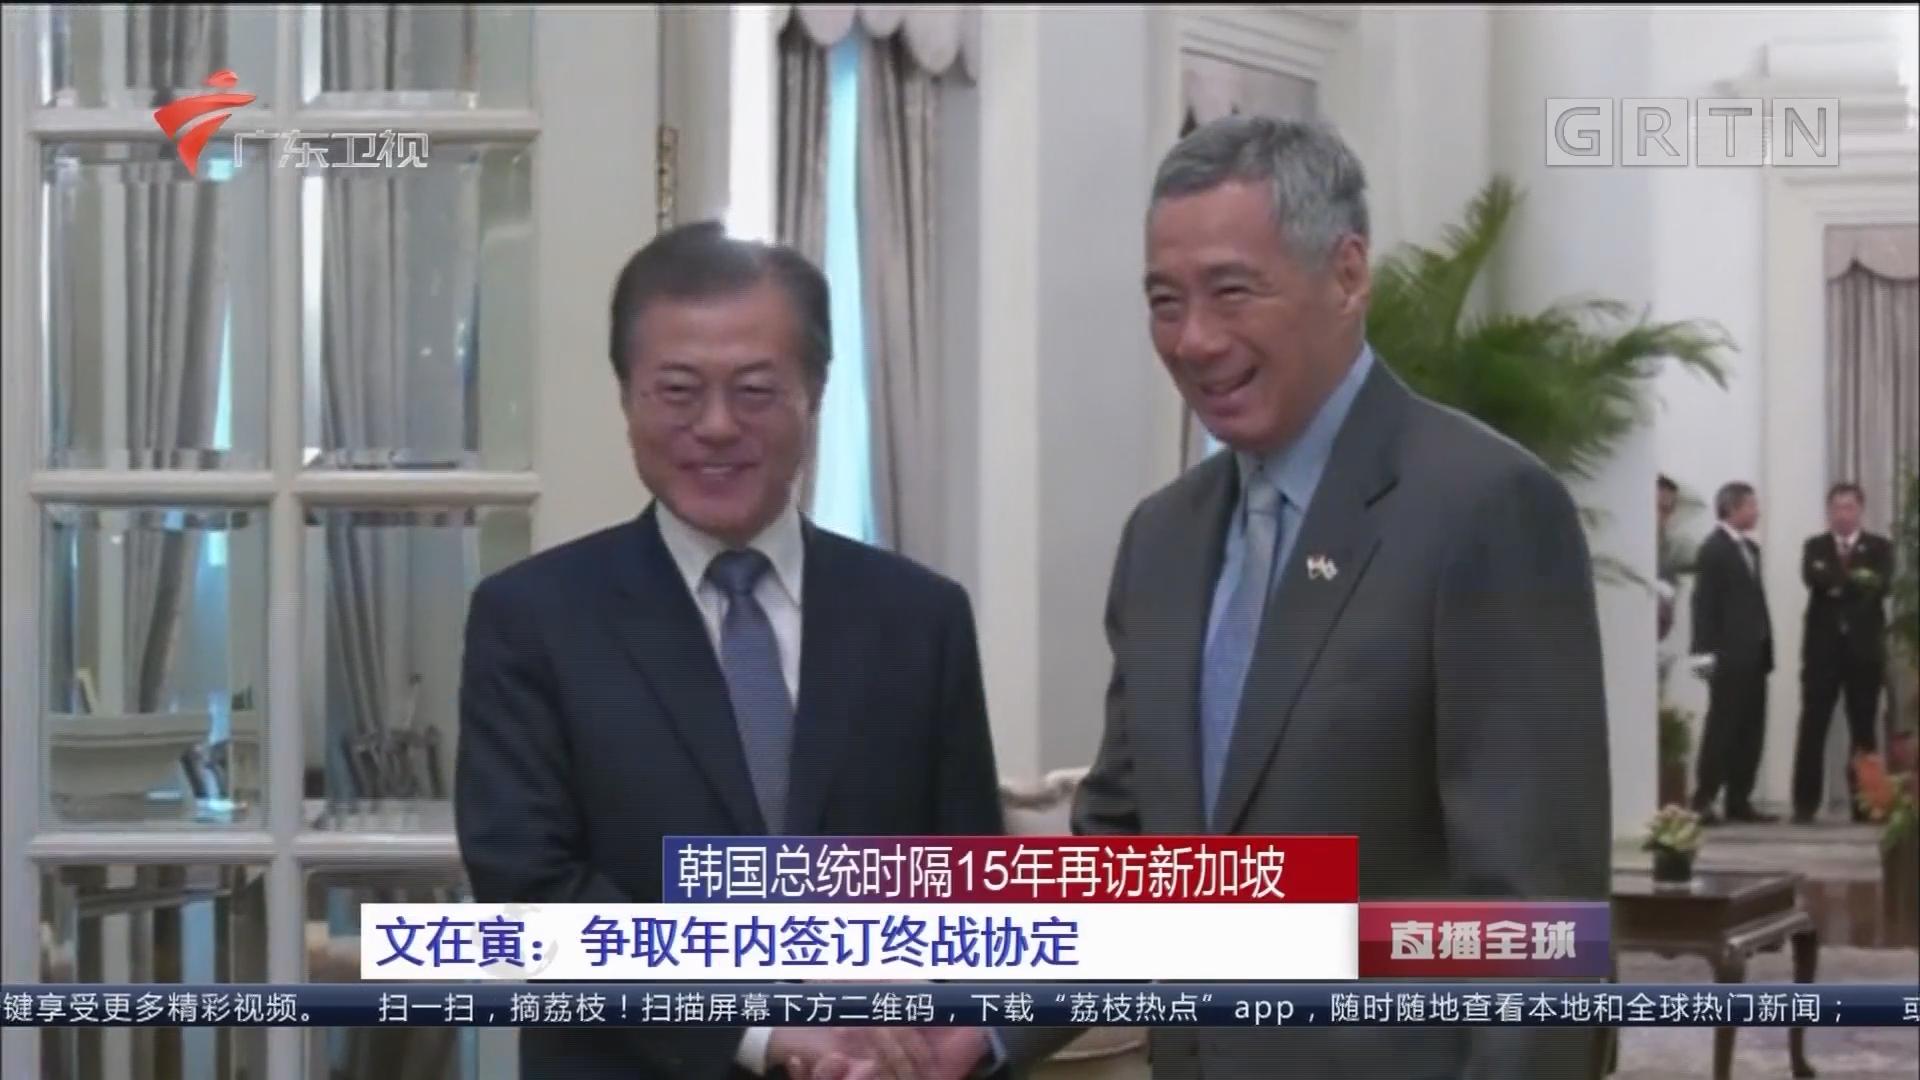 韩国总统时隔15年再访新加坡 文在寅:争取年内签订终战协定